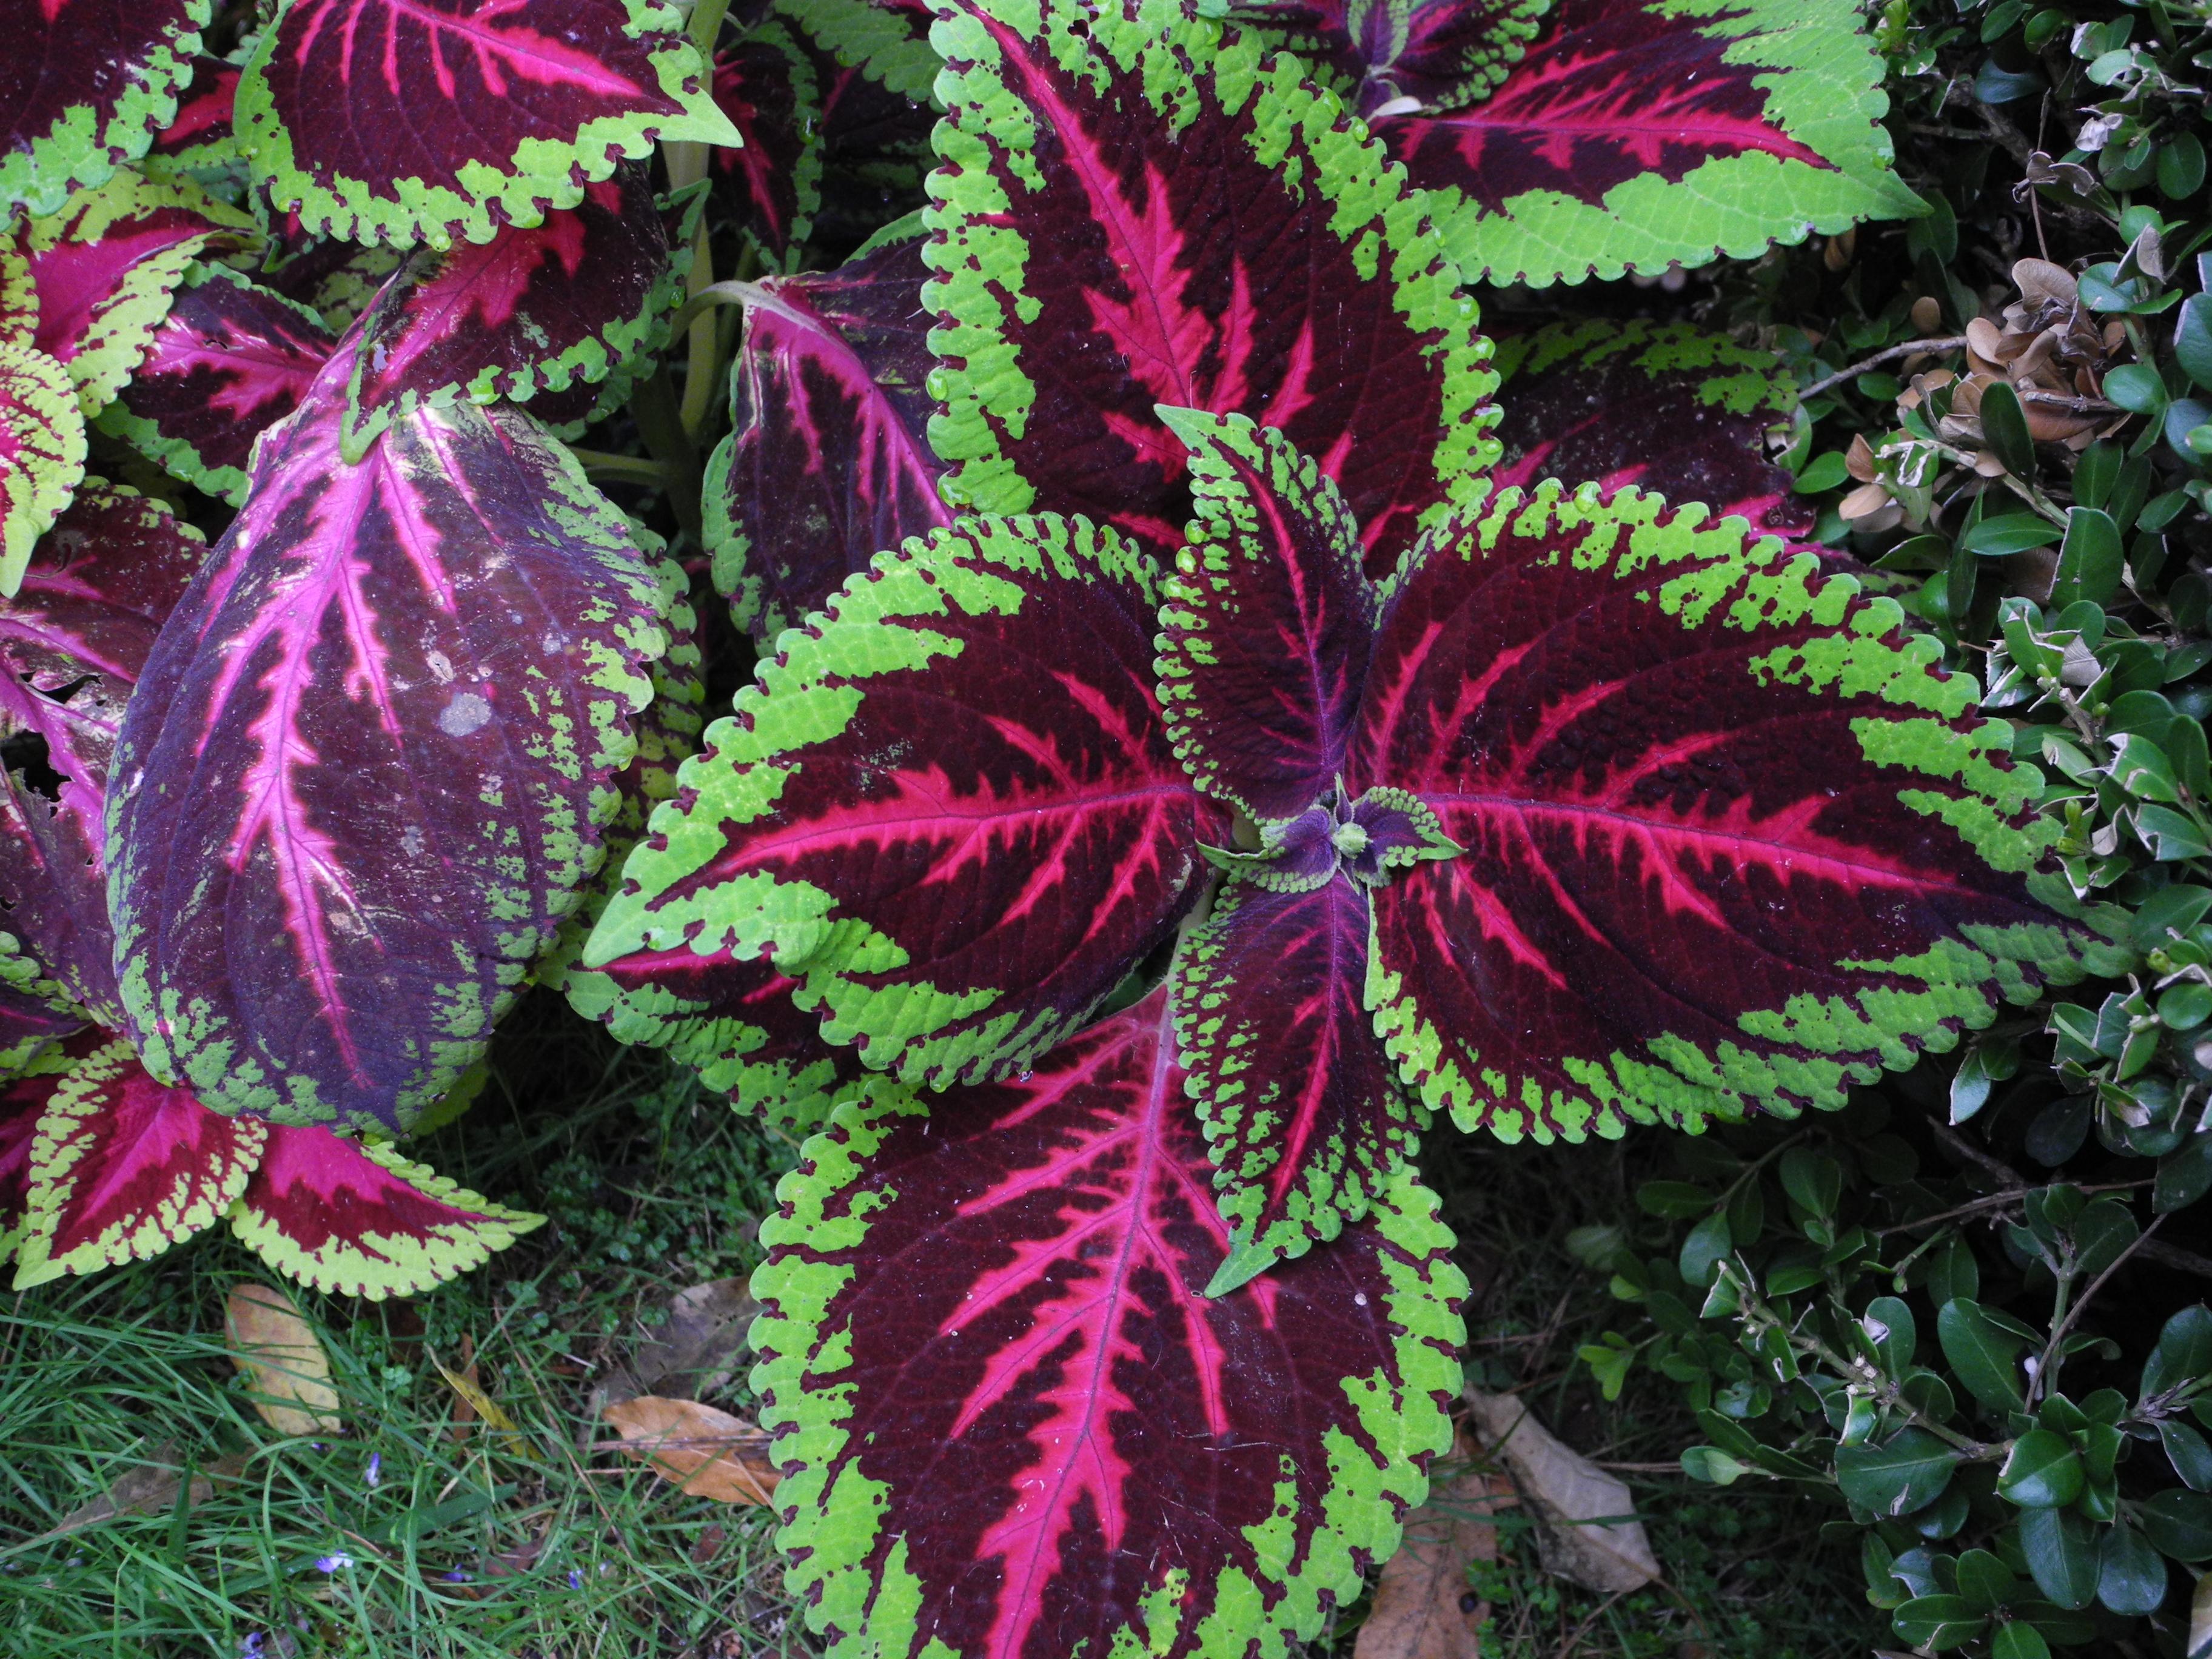 plantas de jard n fotos de naturaleza